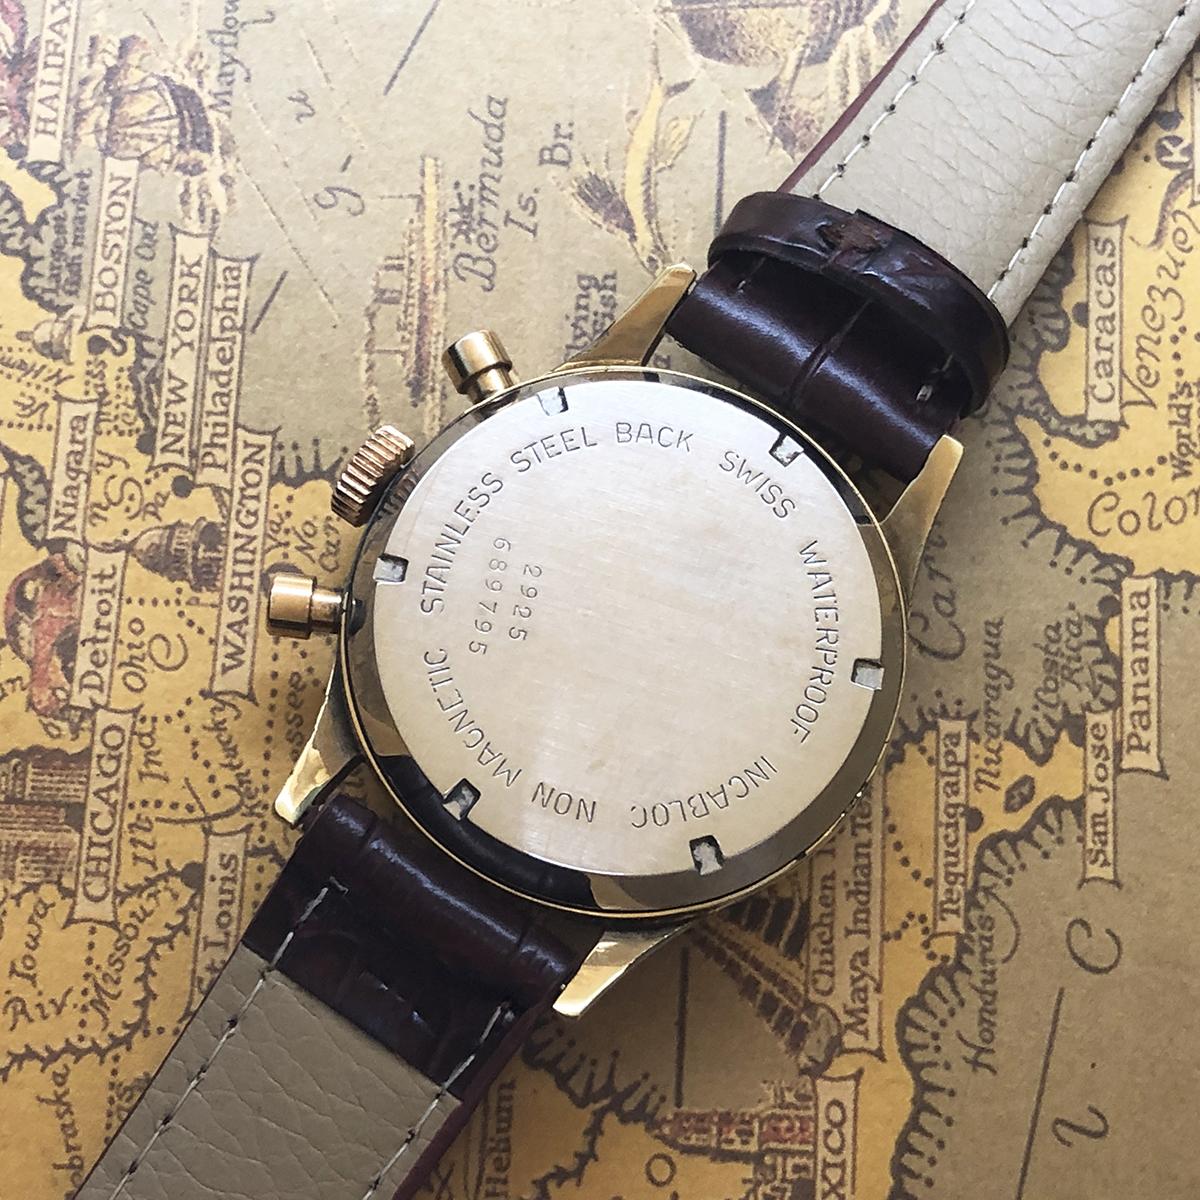 ★希少!! ボーム&メルシエ BAUME&MERCIER 1960s アンティーク Landeron149 メンズ 腕時計 クロノグラフ 手巻 白文字盤 ビンテージ 高級_画像9